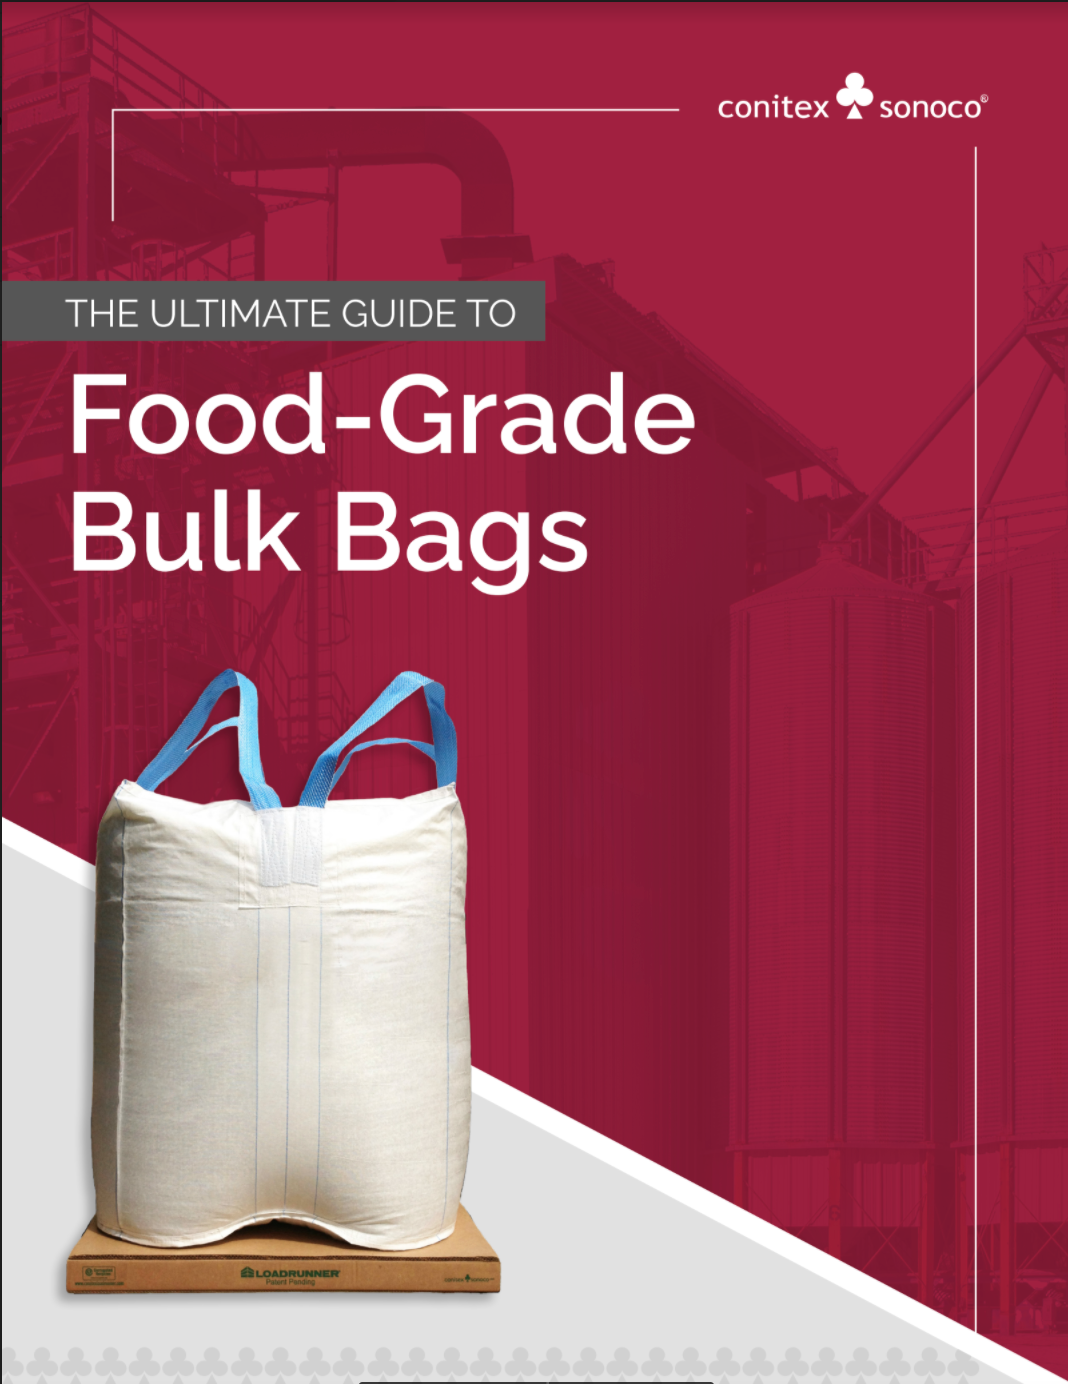 Food-Grade Bulk Bags